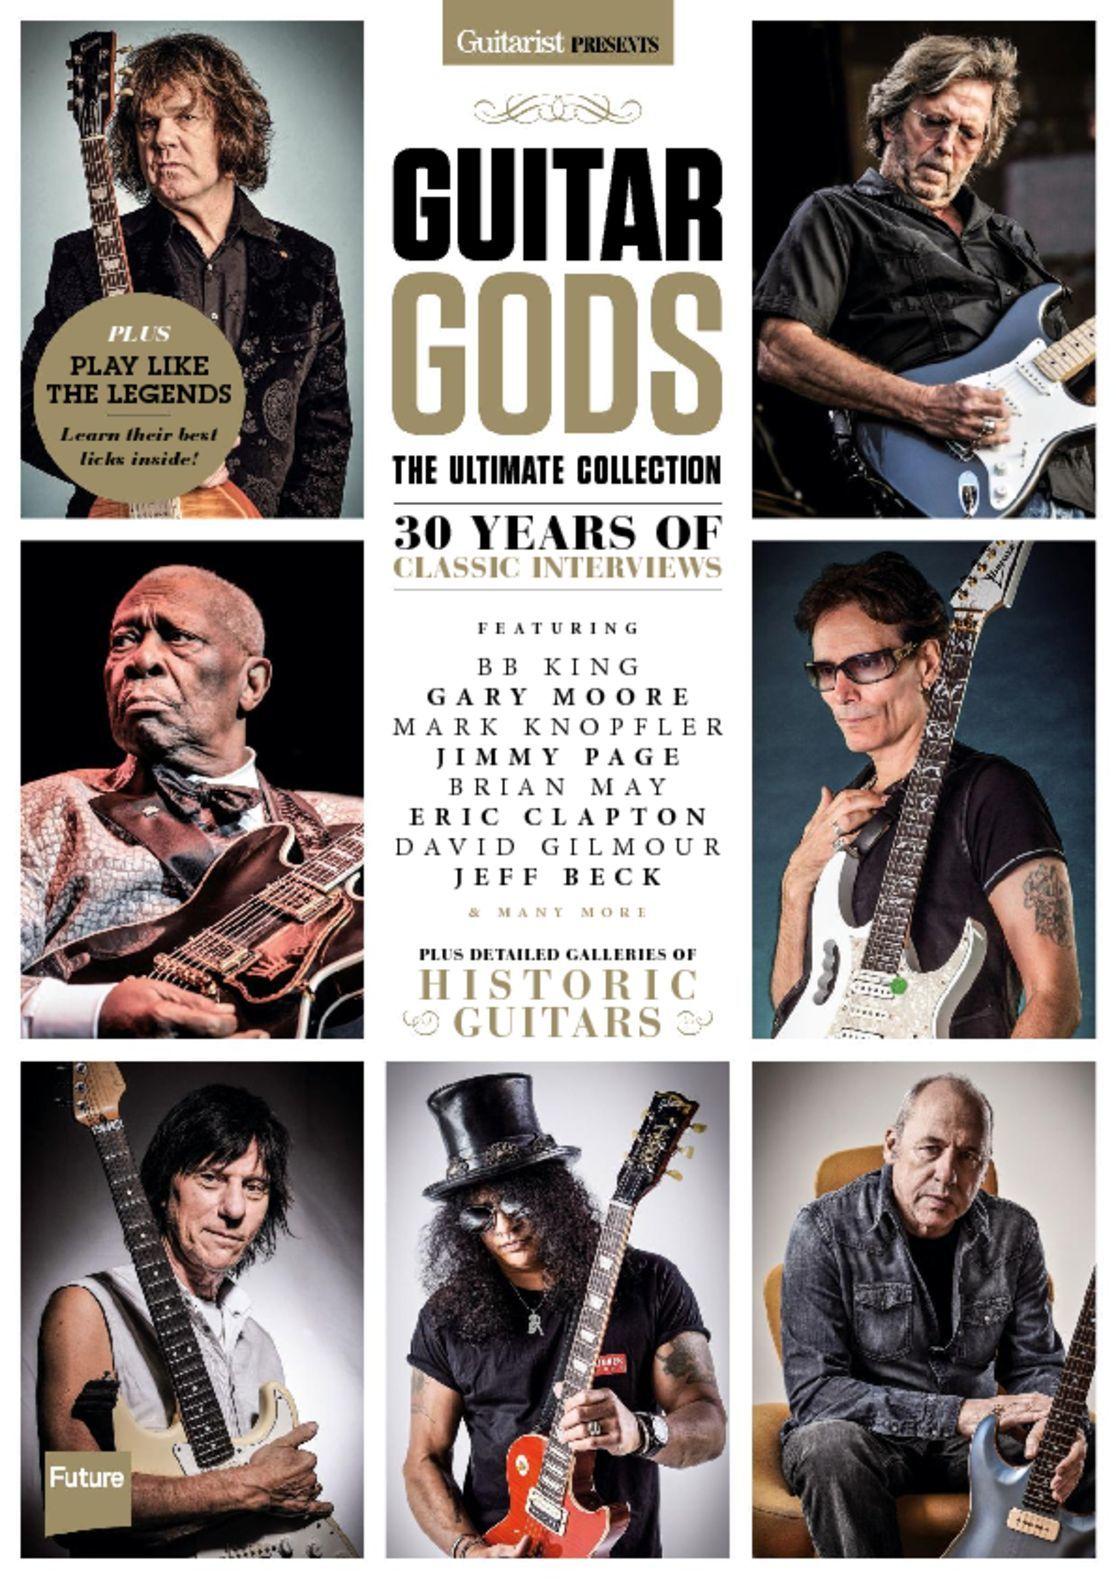 Guitarist Presents Guitar Gods Digital